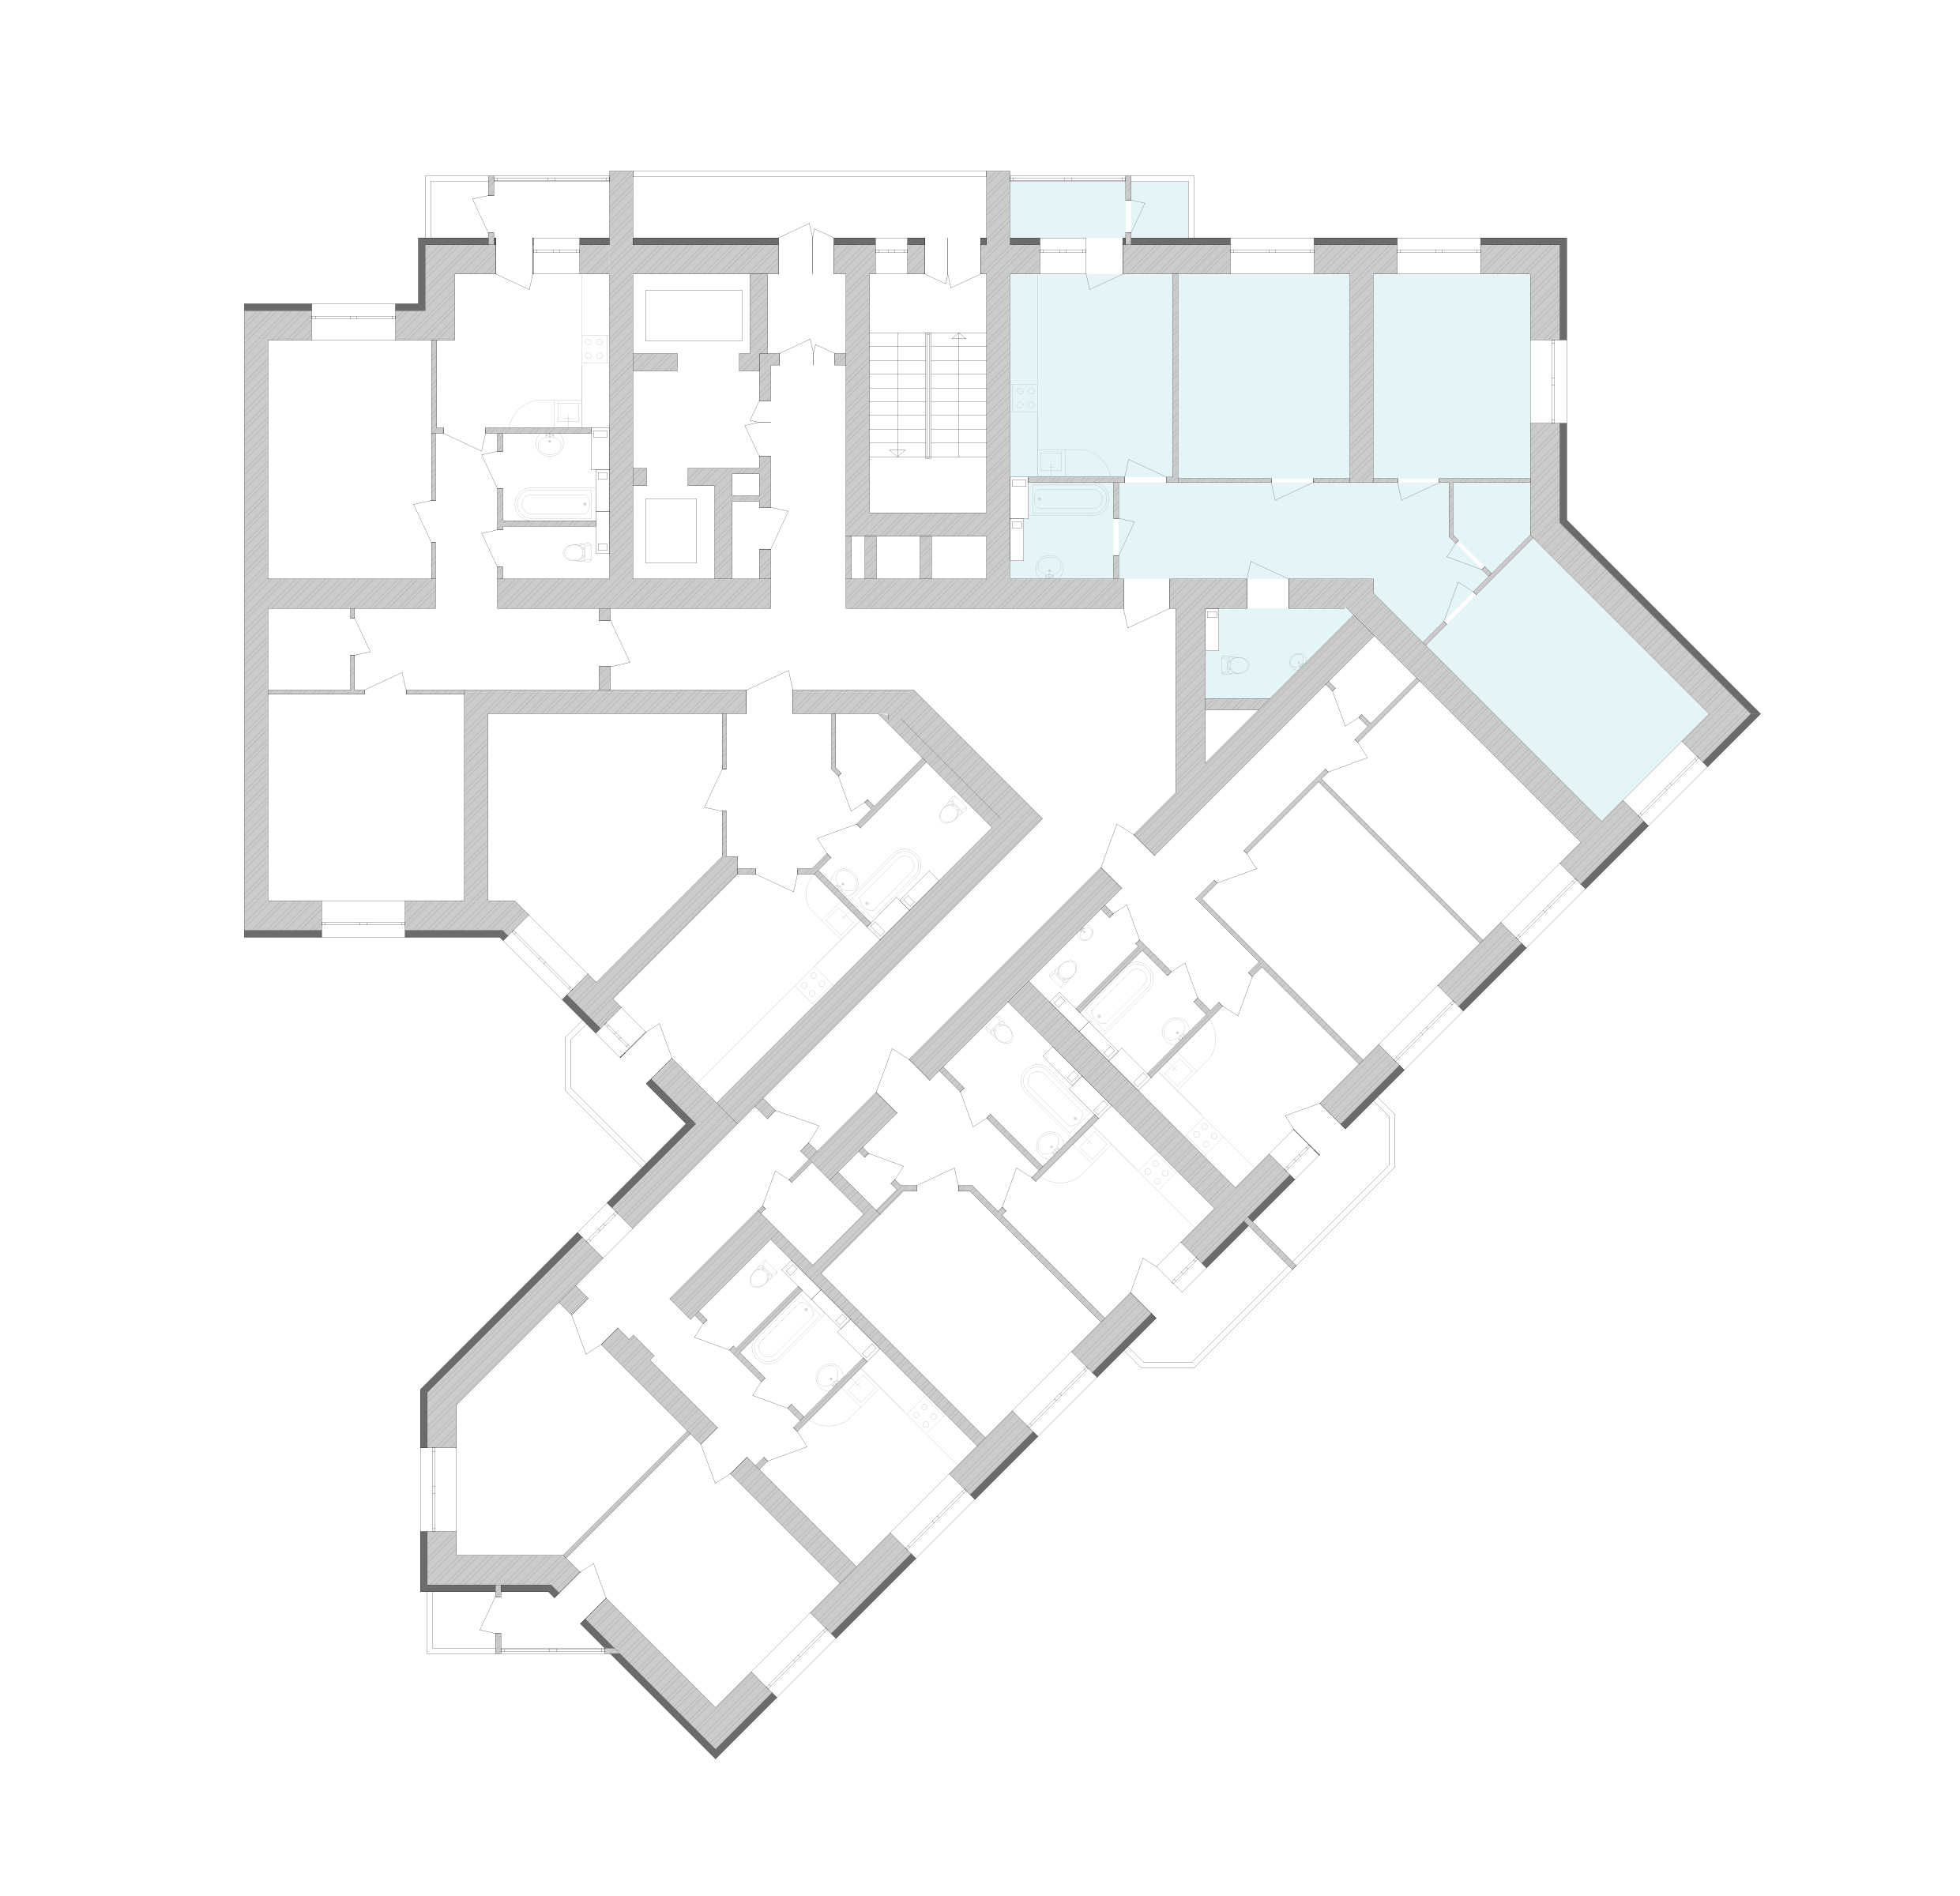 Трехкомнатная квартира 95,04 кв.м., тип 3.1, дом 1, секция 9 расположение на этаже